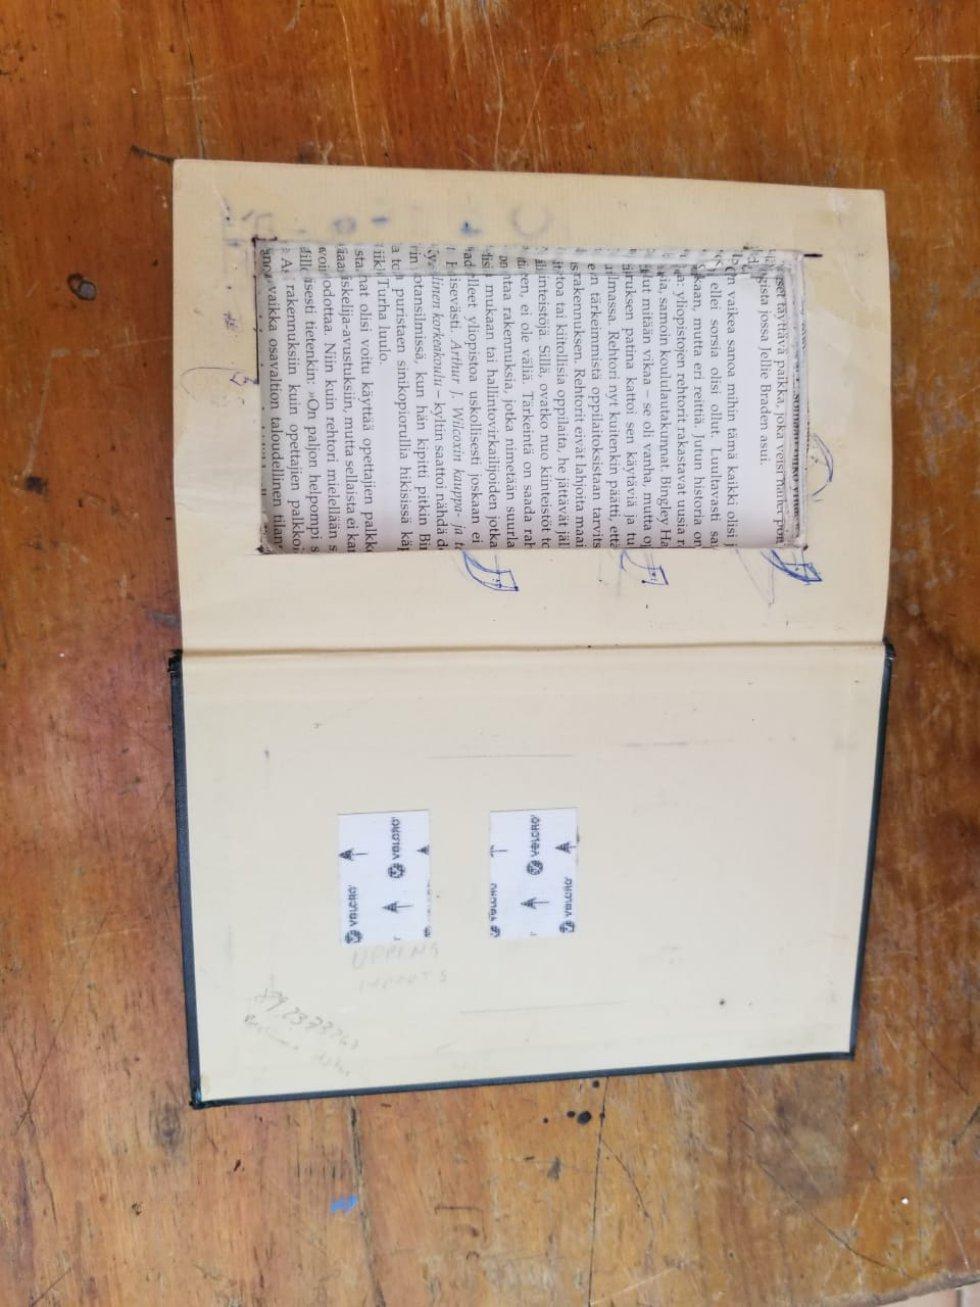 Biblias modificadas para entrar elementos a las cárcerles